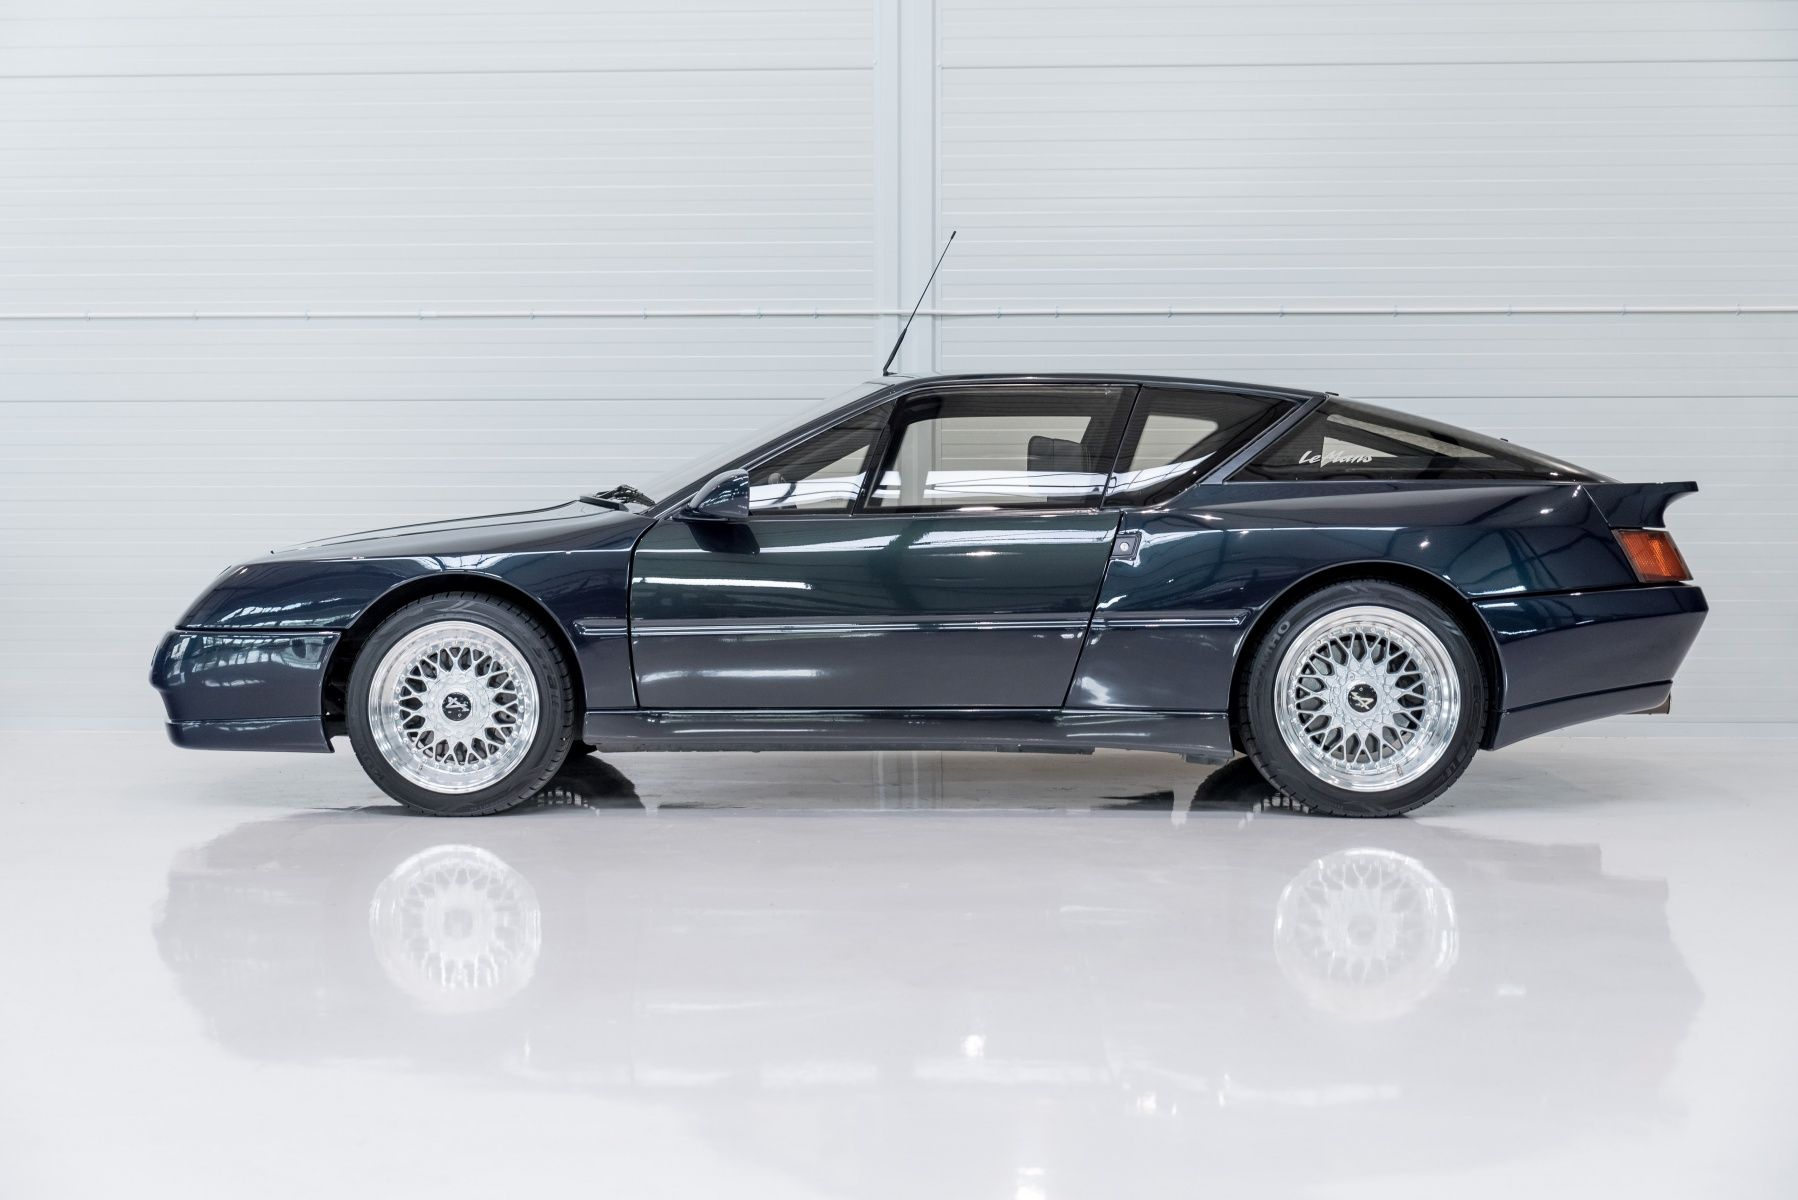 114e124da2a4a9d6c6141b02fdc32ec9 Terrific Ferrari Mondial Le Bon Coin Cars Trend